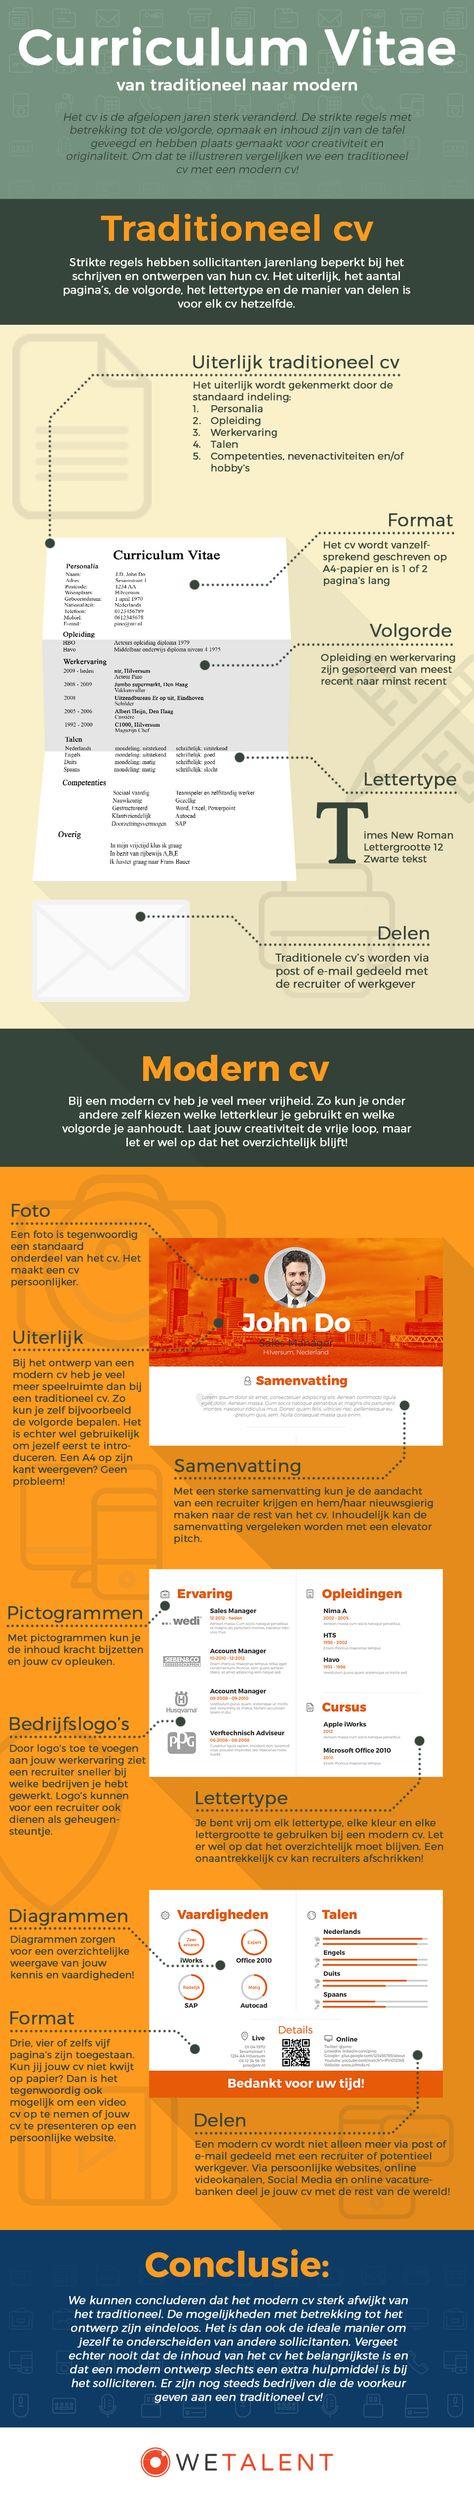 111 best CV Caf info images